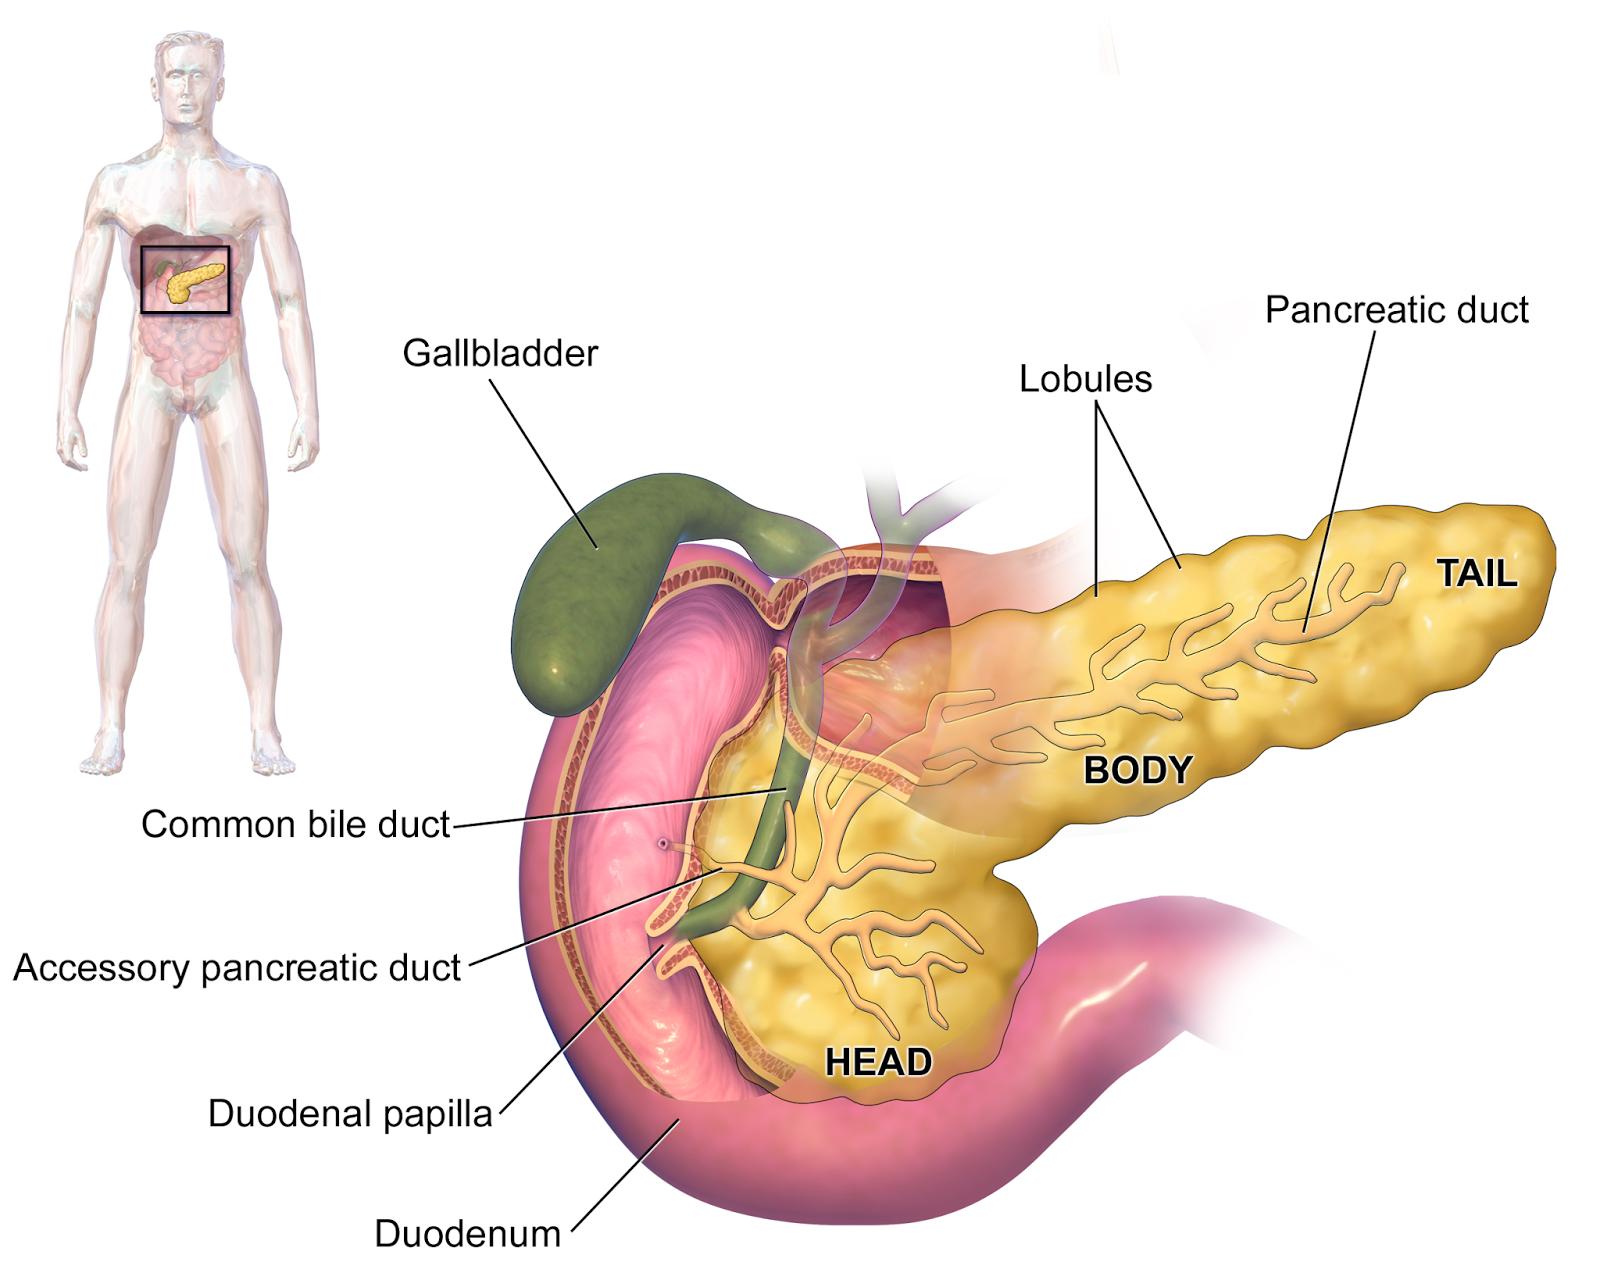 Tumores de páncreas, periampulares, y diferenciales. - AnSRo